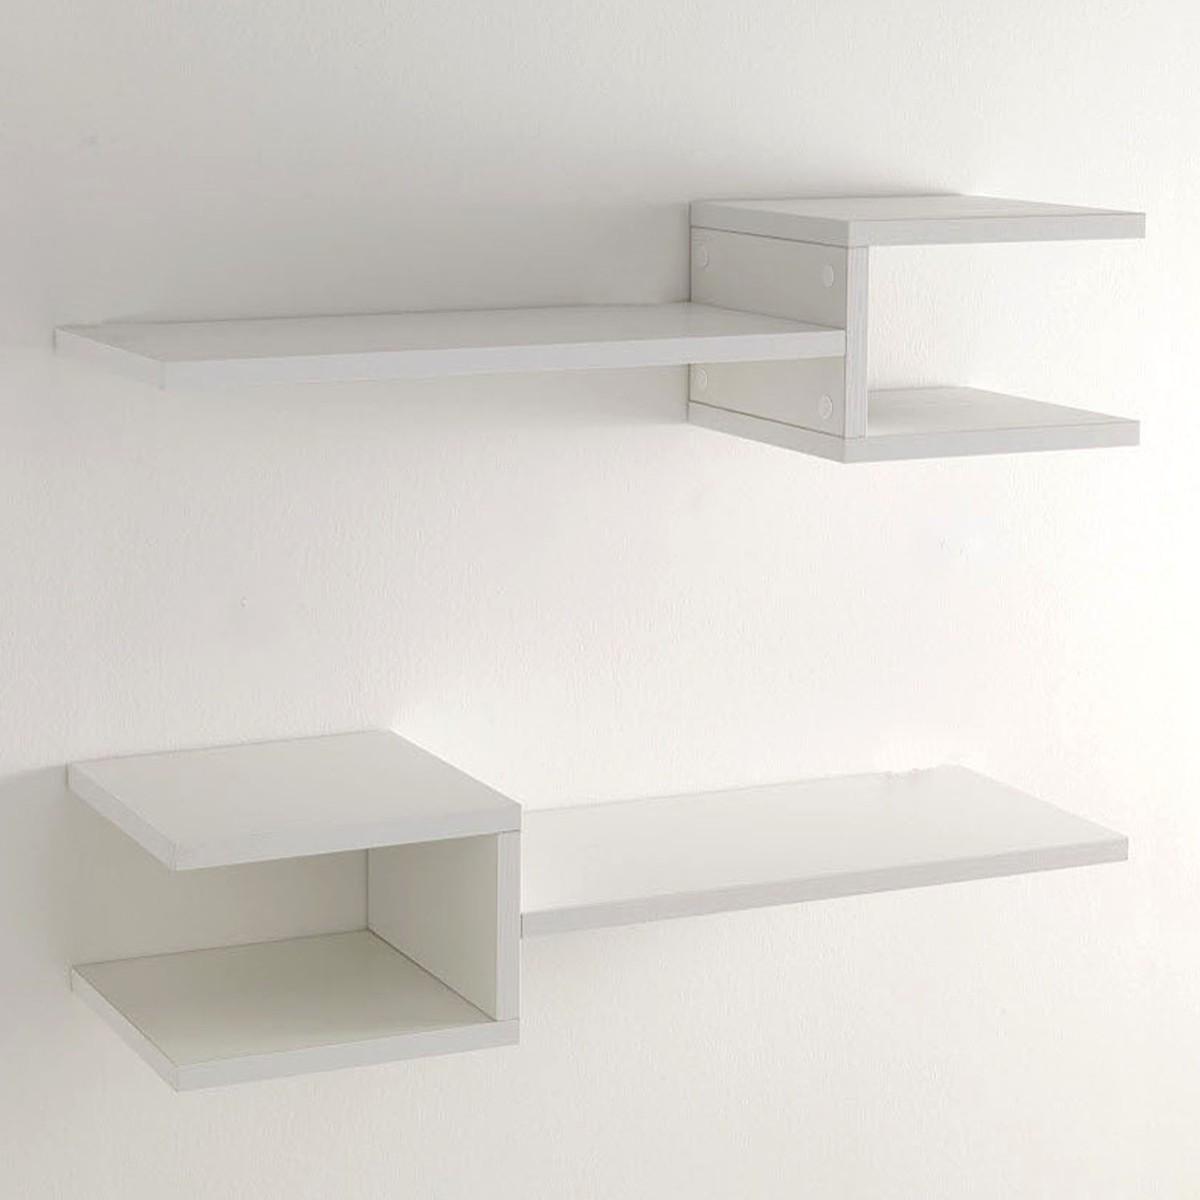 coppia mensole da parete frequencyb in legno bianco 75 cm